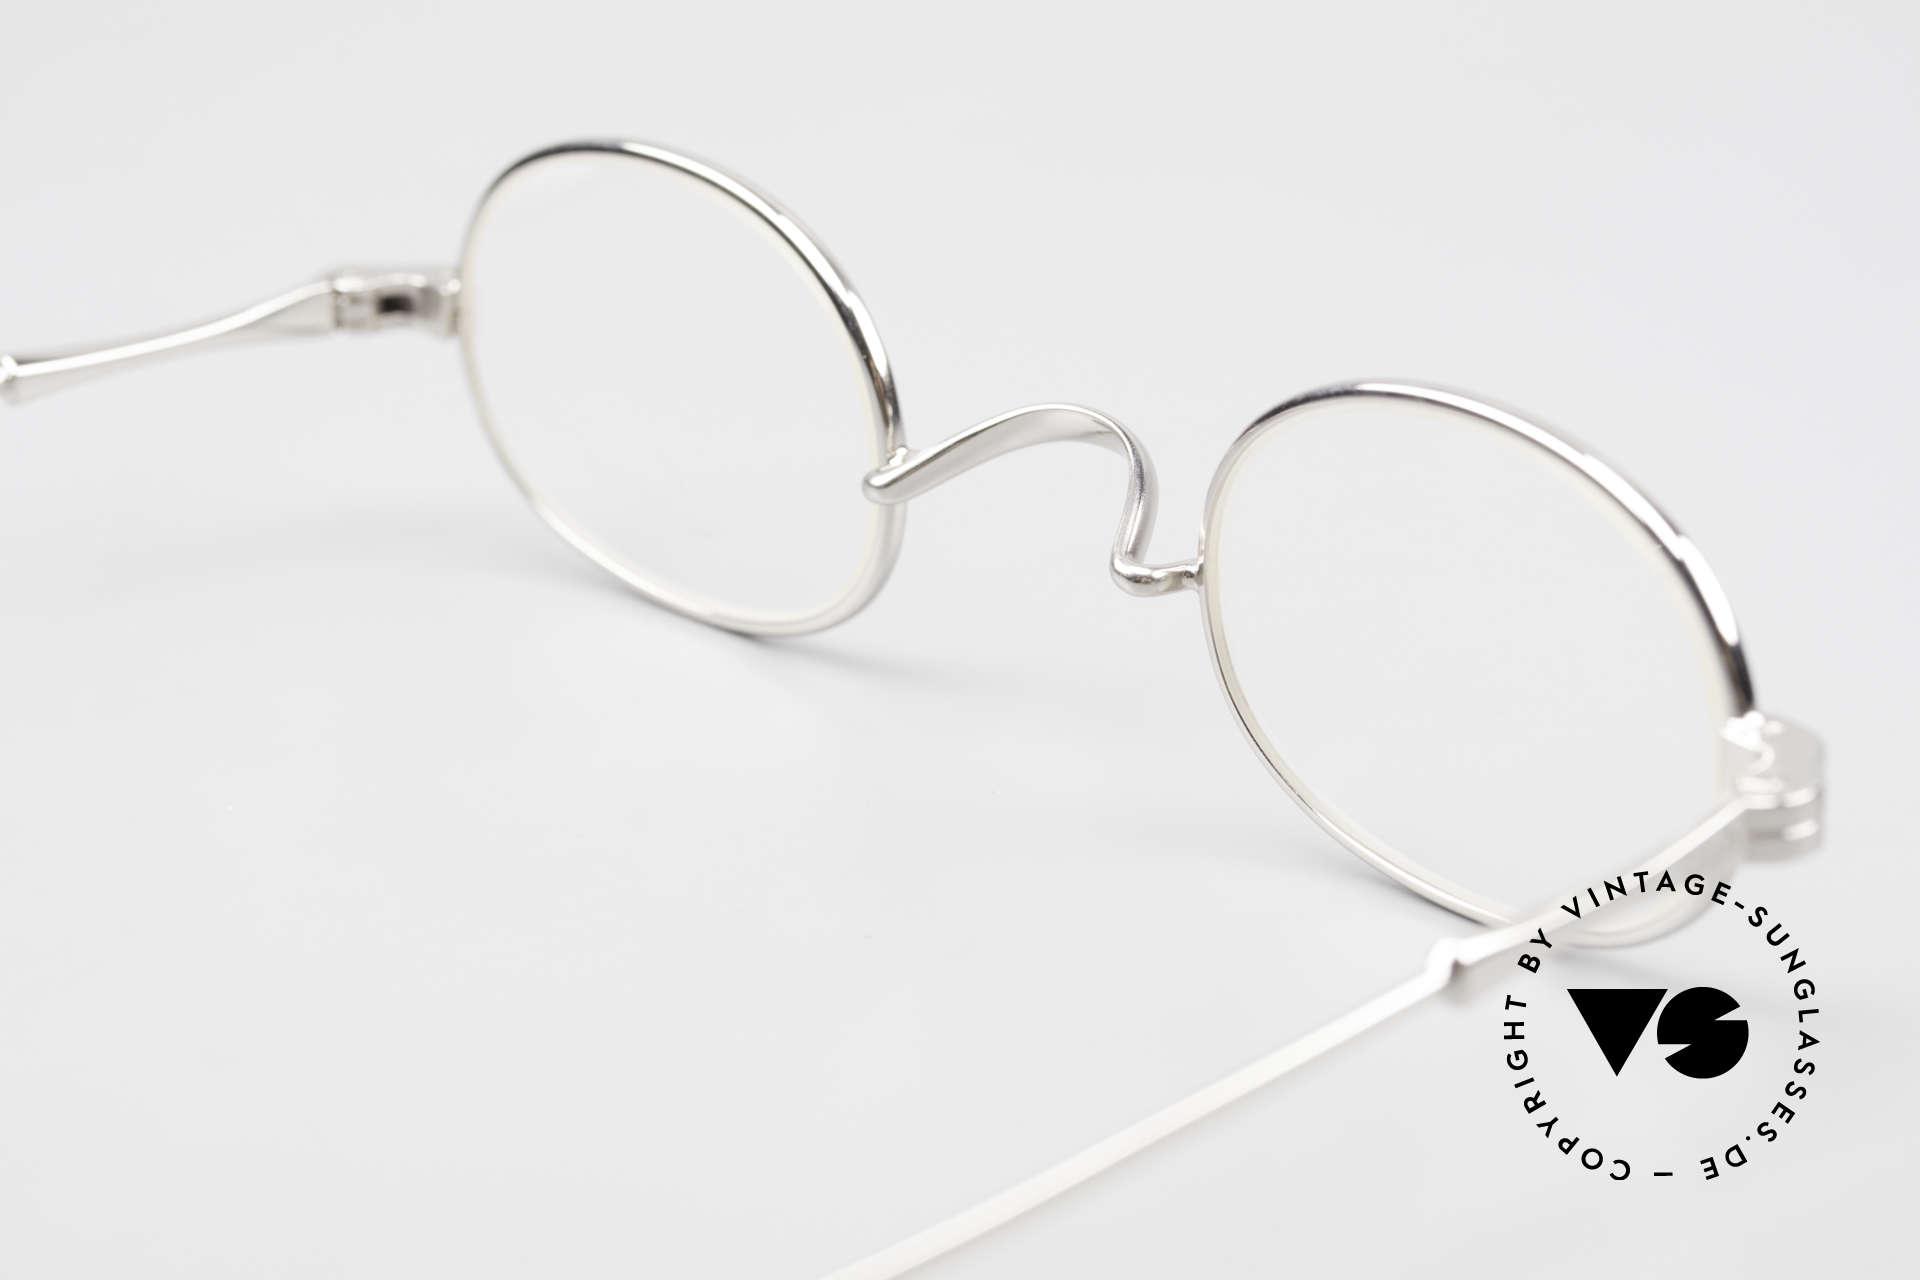 Lunor II 08 Kleine Ovale Lunor Brille, KLEINE OVALE Größe 40/25; PP = PLATIN-plattiert, Passend für Herren und Damen